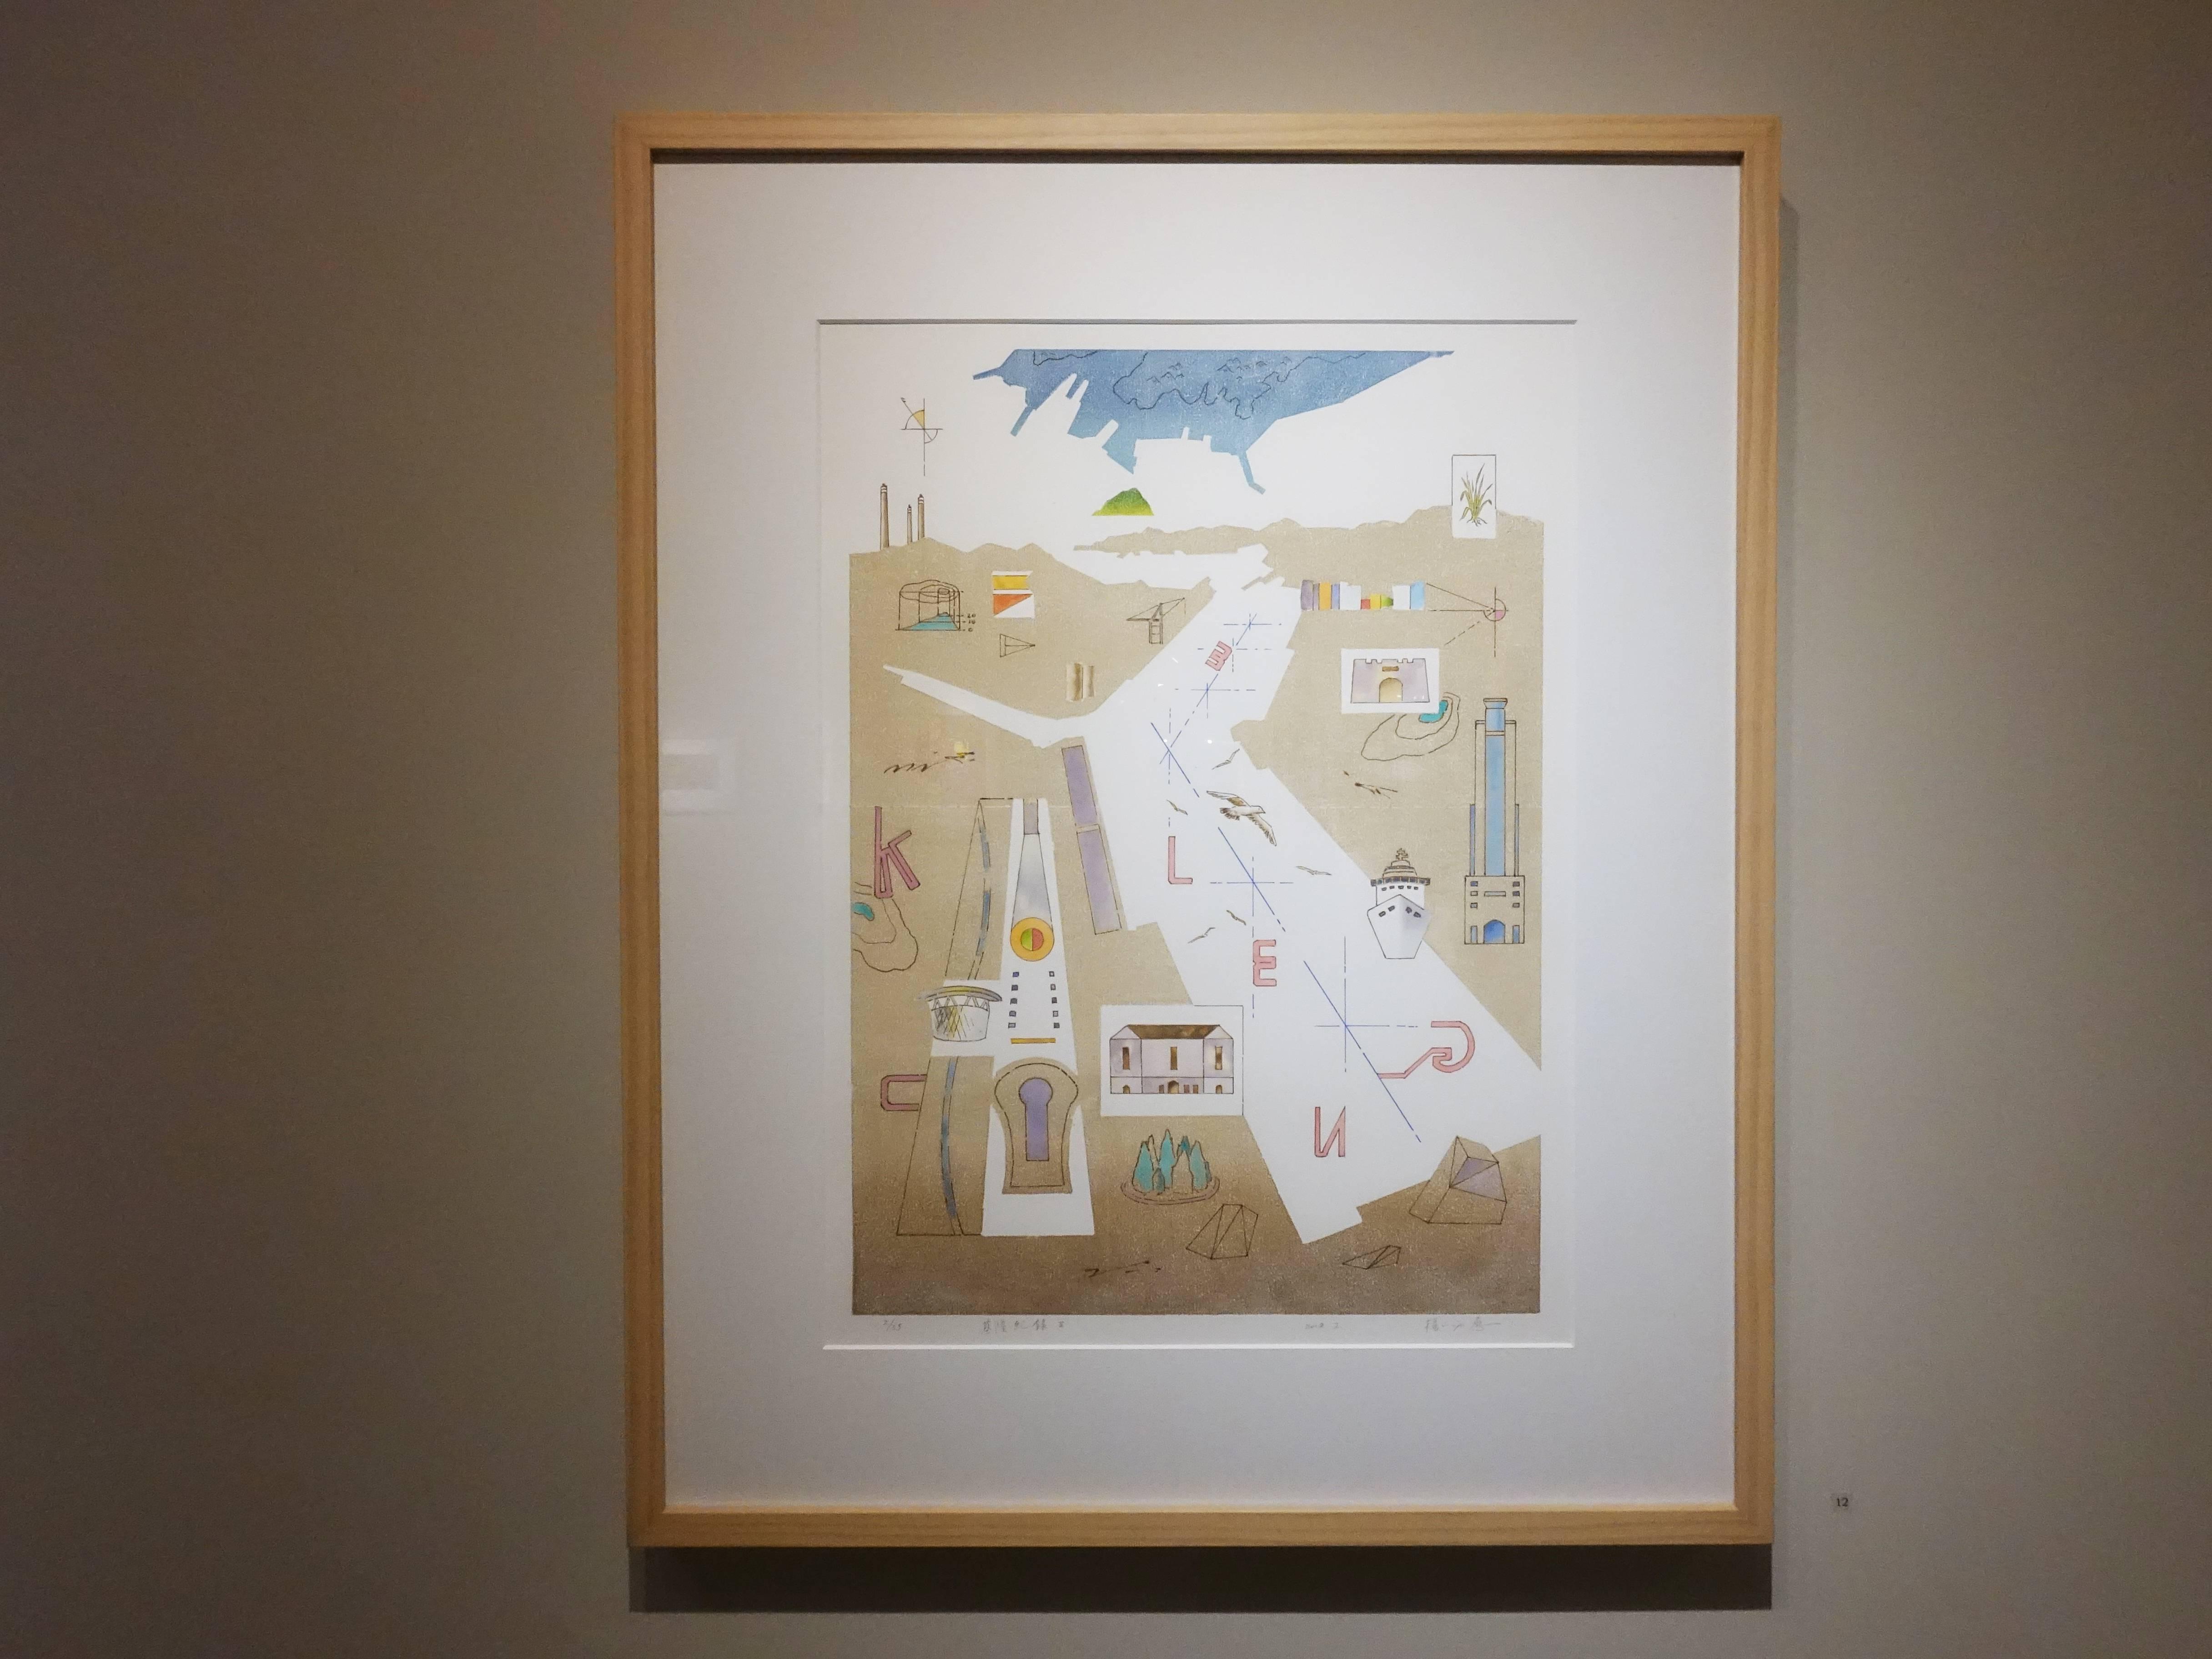 楊成愿,《基隆紀錄II》,56 x 40 cm,2/35,複合技法,2018。